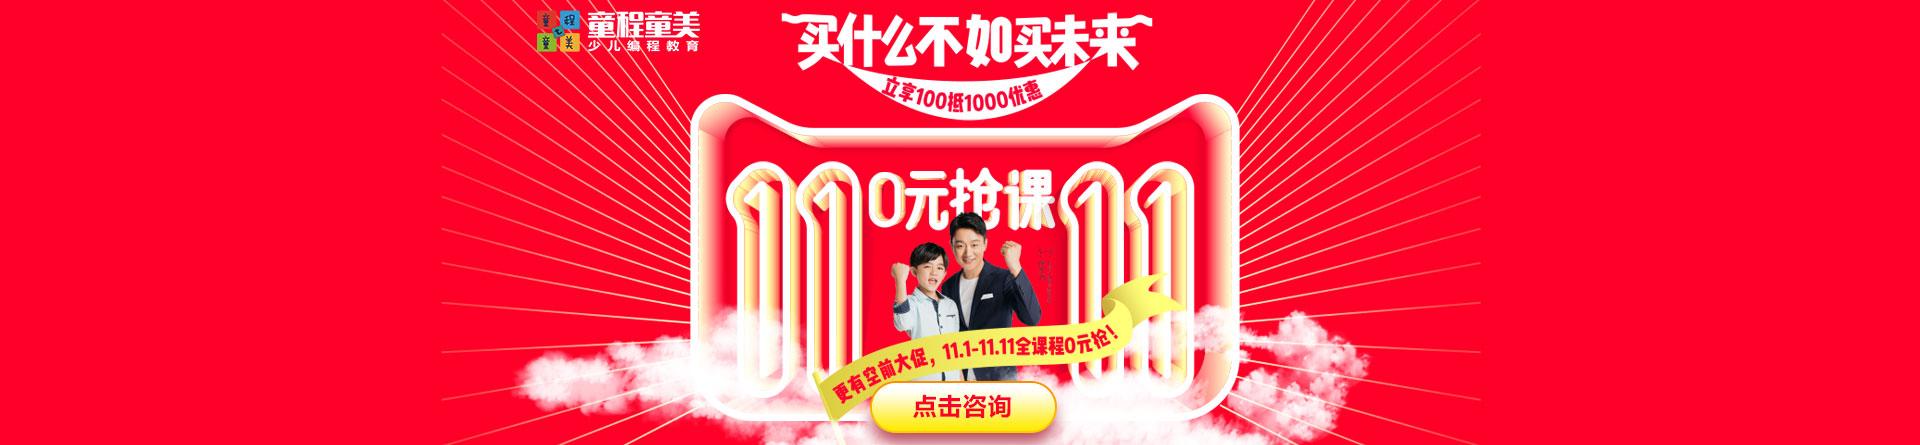 杭州童程童美双十一狂欢节